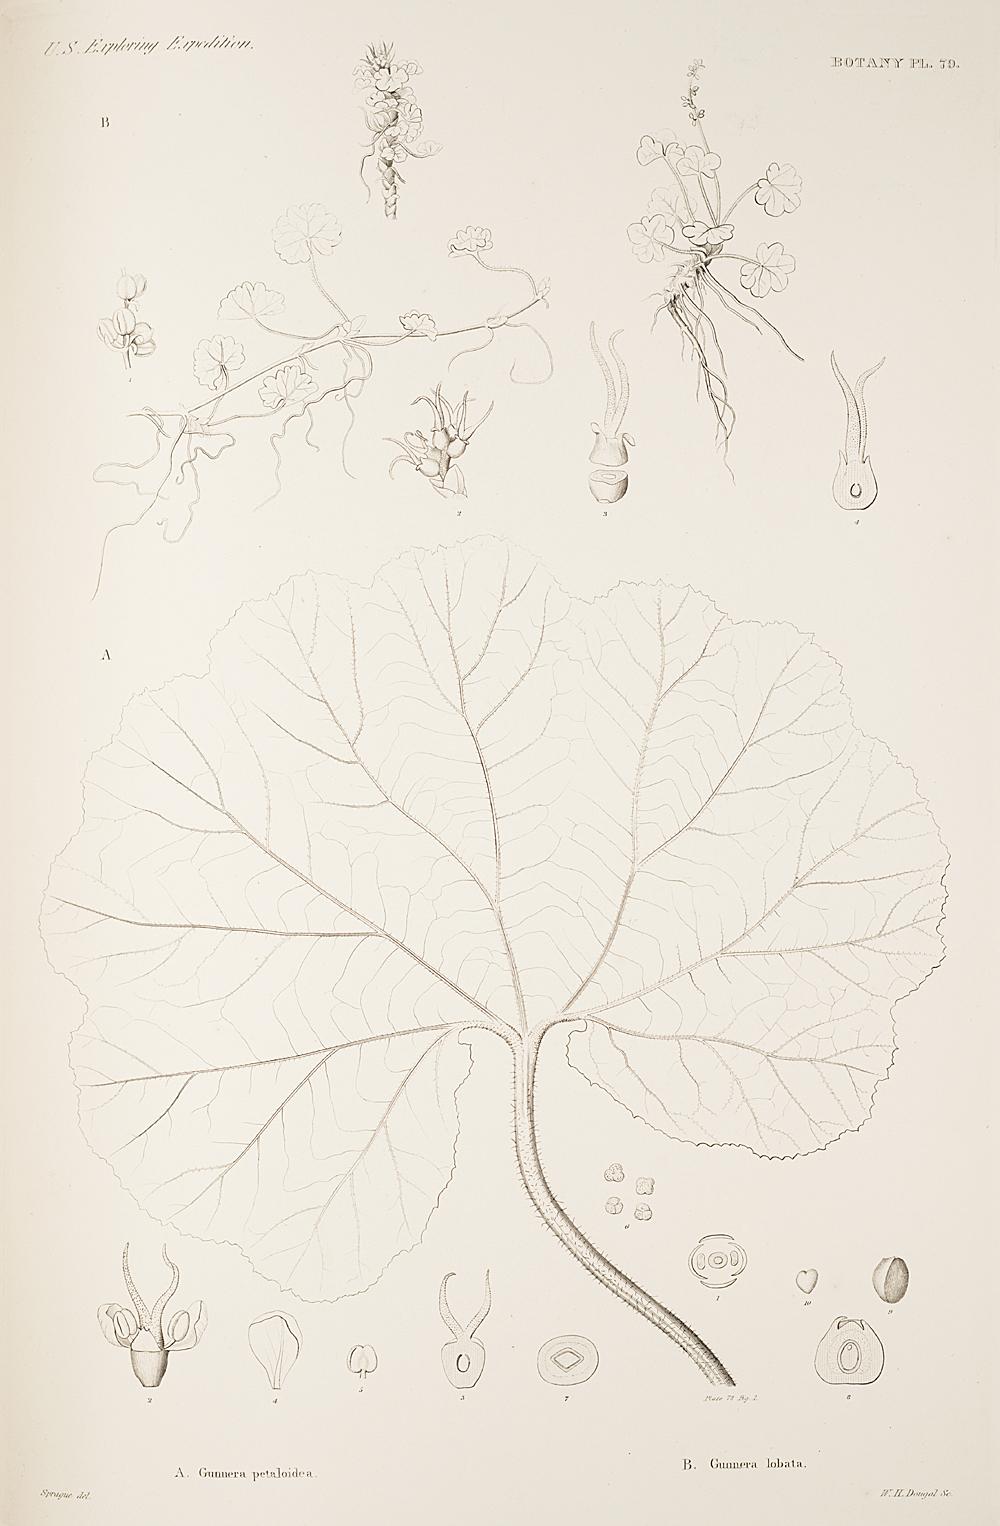 Botany, Pl. 79,  Image number:sil19-23-169b